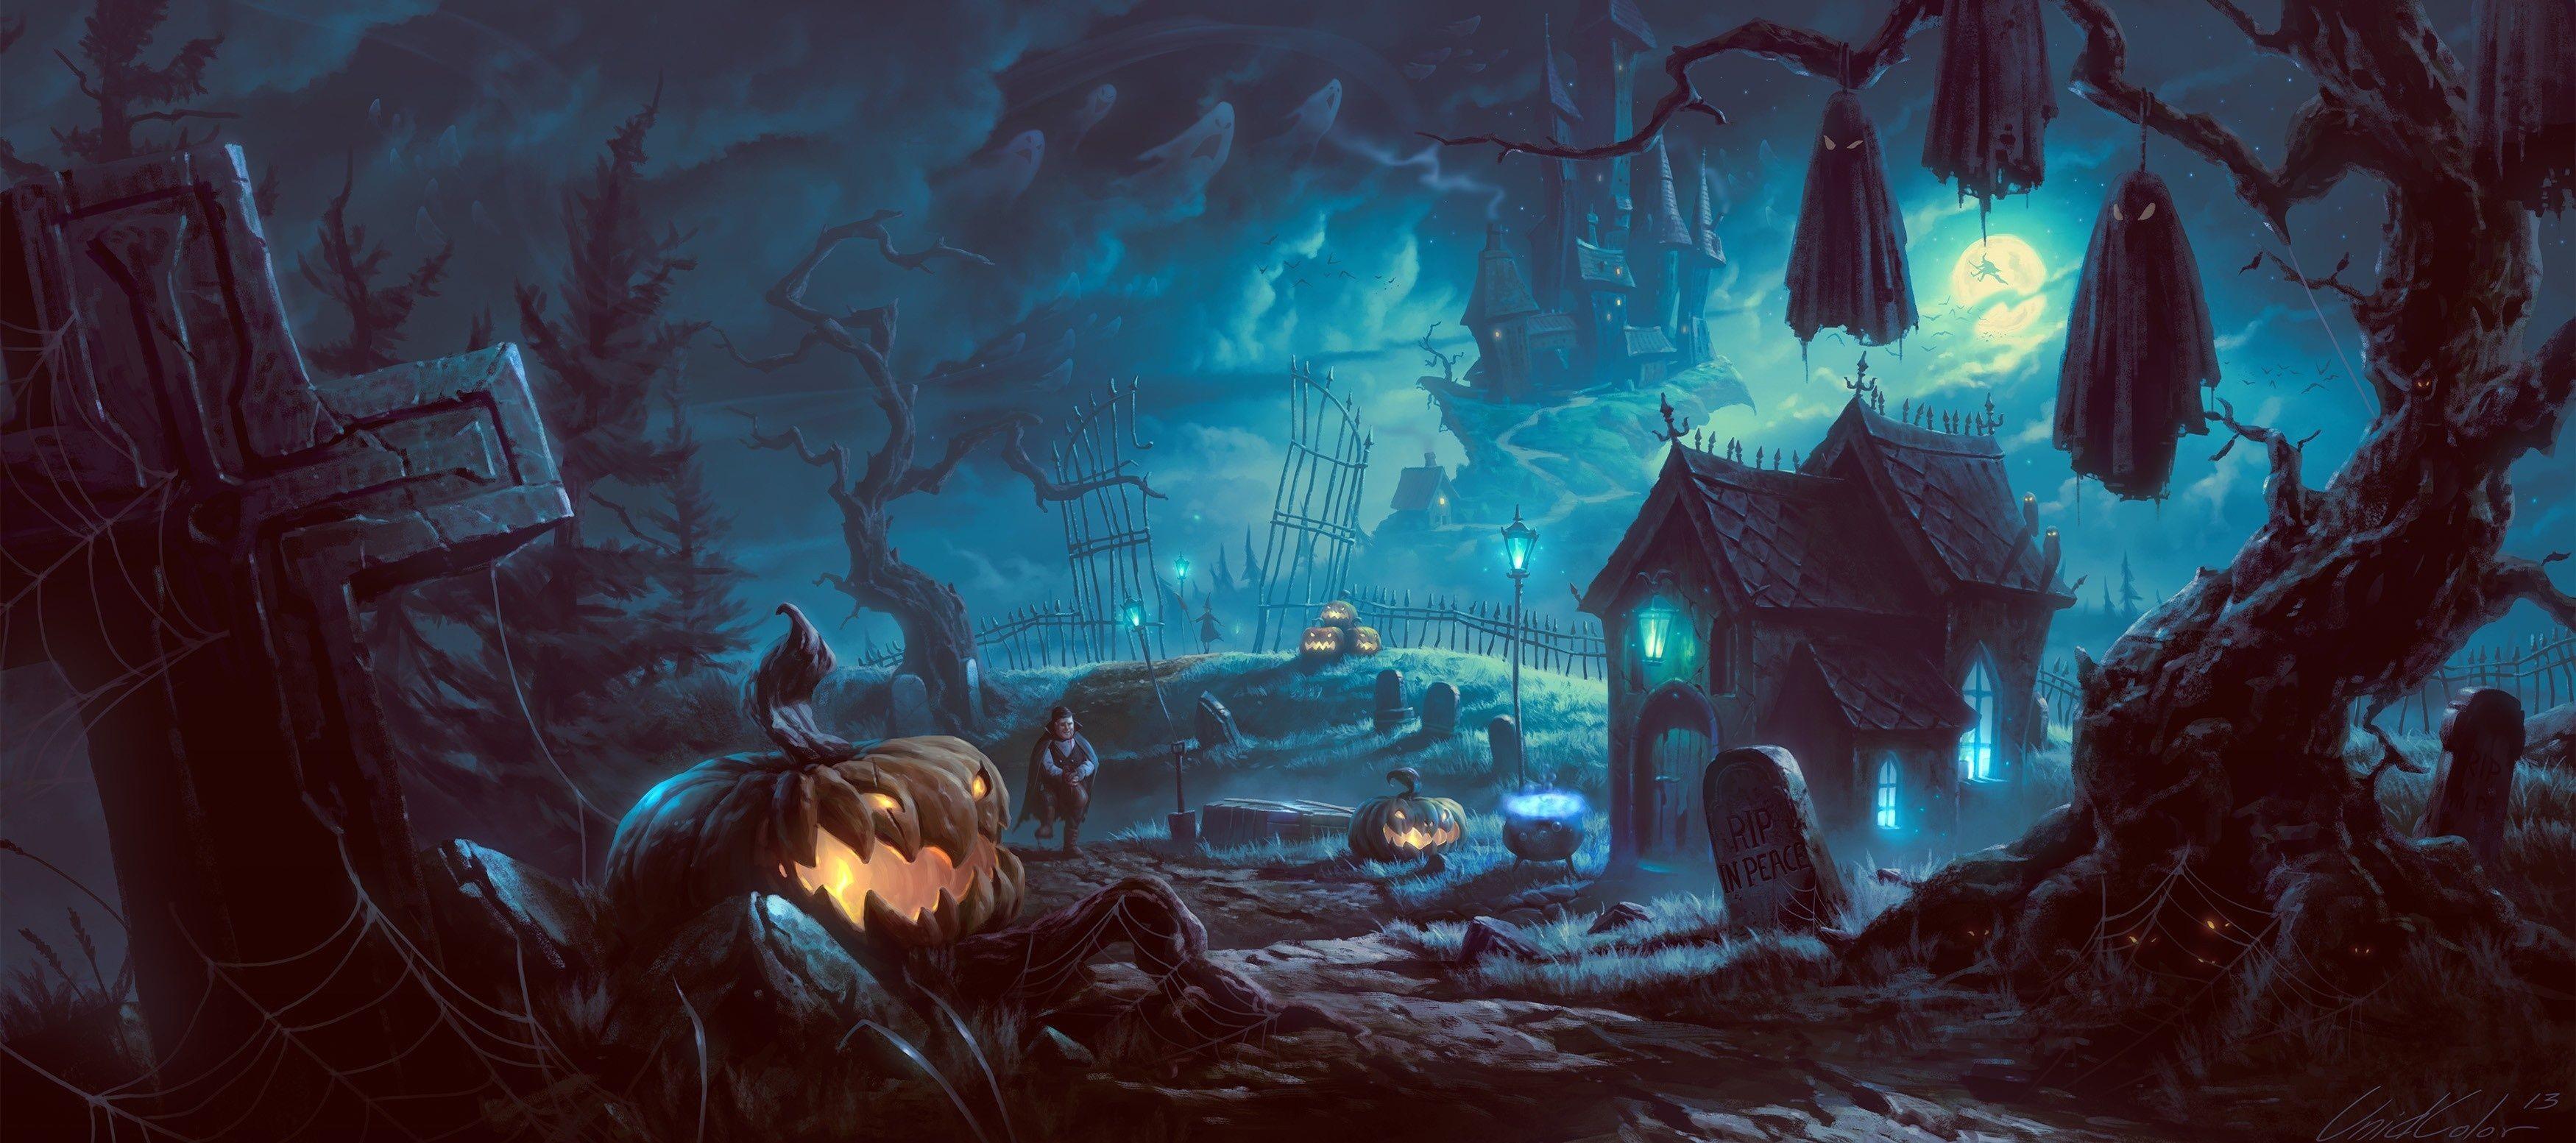 Res: 3500x1553, Halloween Pumpkins Pattern HD desktop wallpaper High Definition